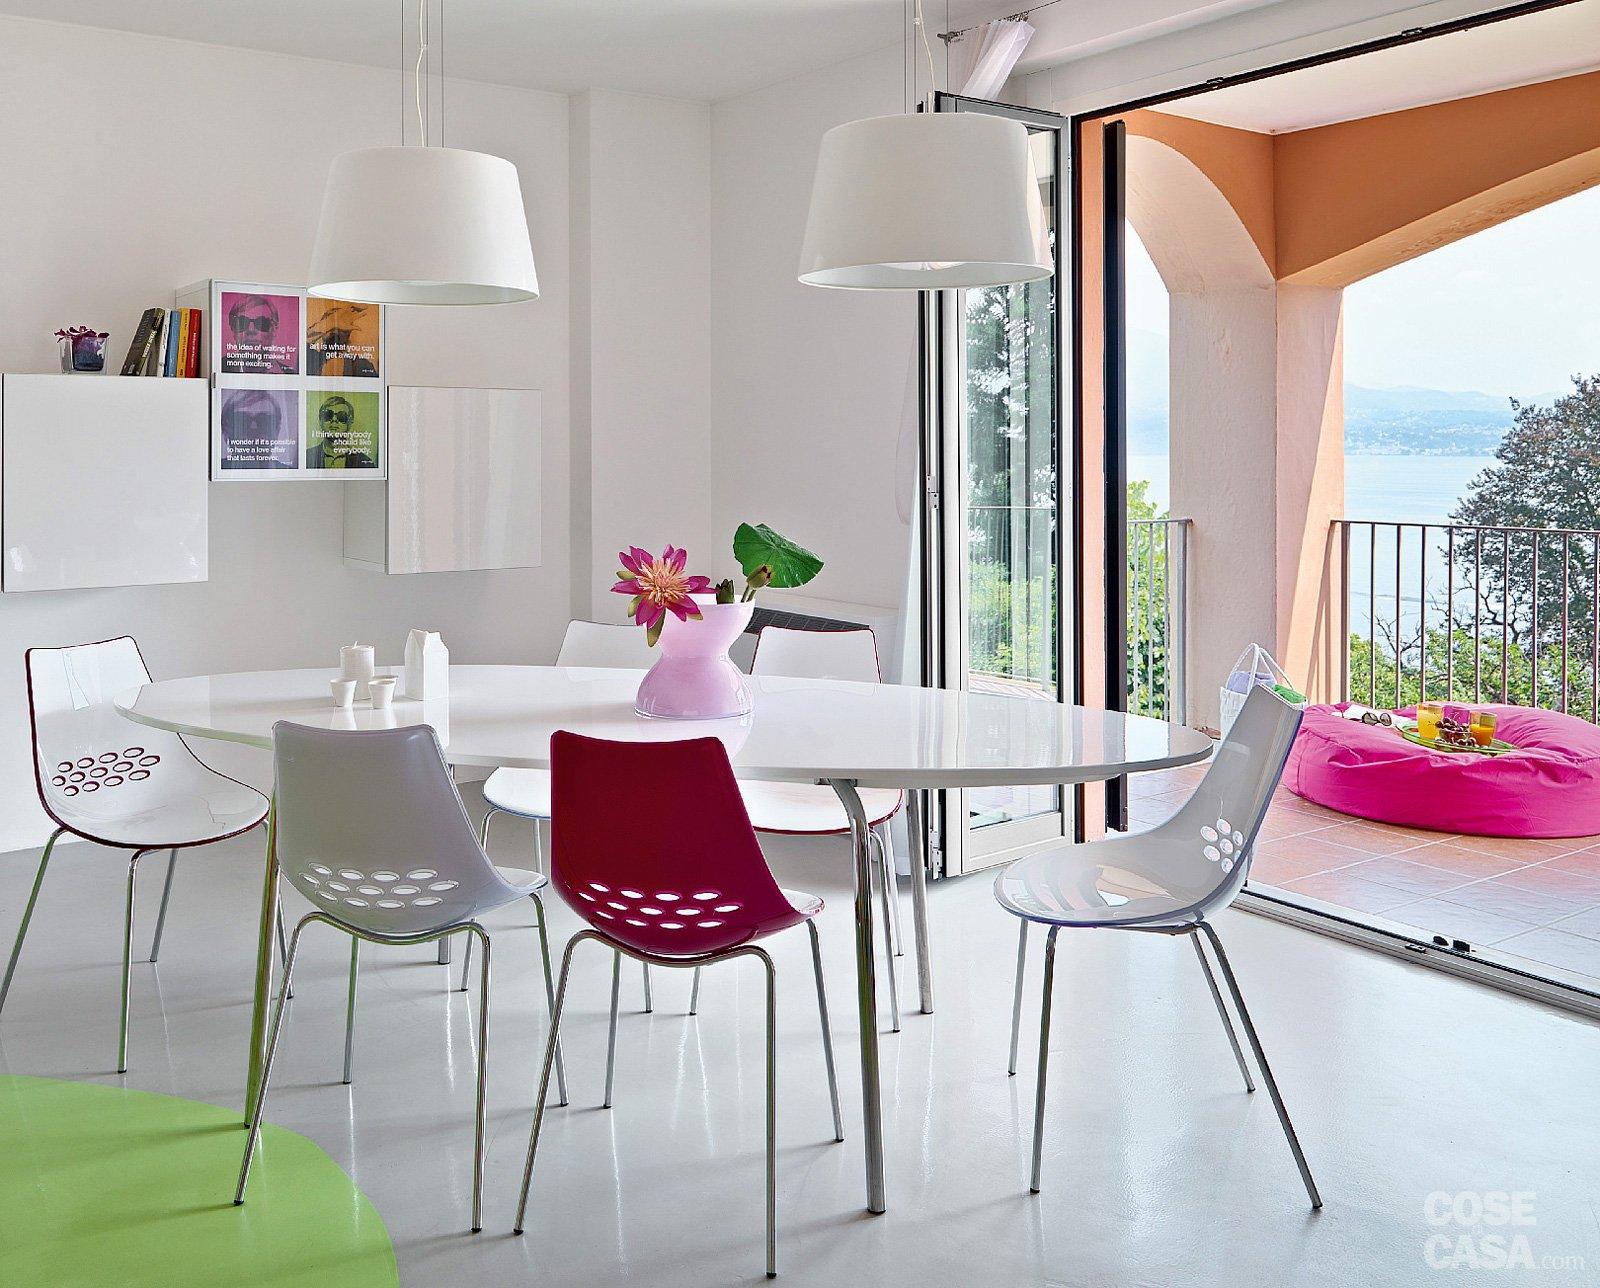 Una casa dallo stile giovane a tinte shocking cose di casa - Tavolo riunioni ovale ikea ...